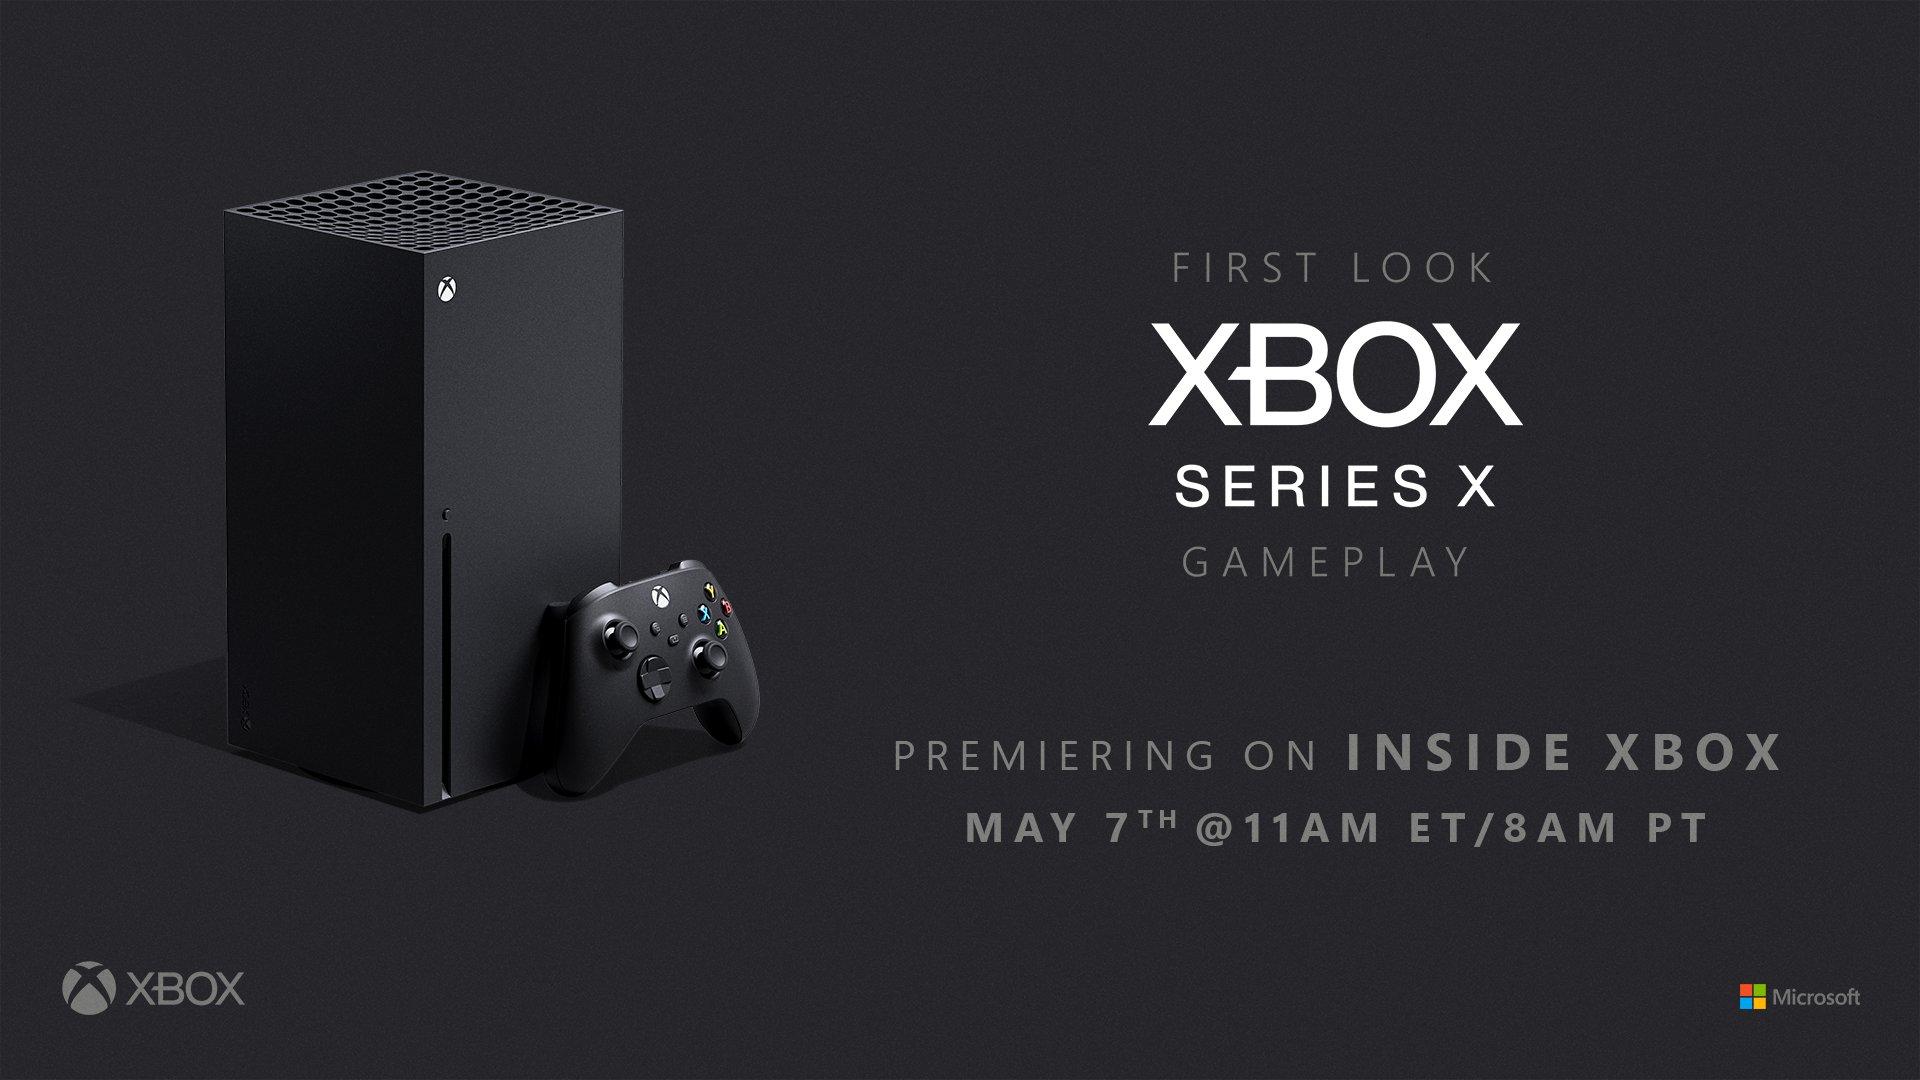 Xbox Series X Gameplay